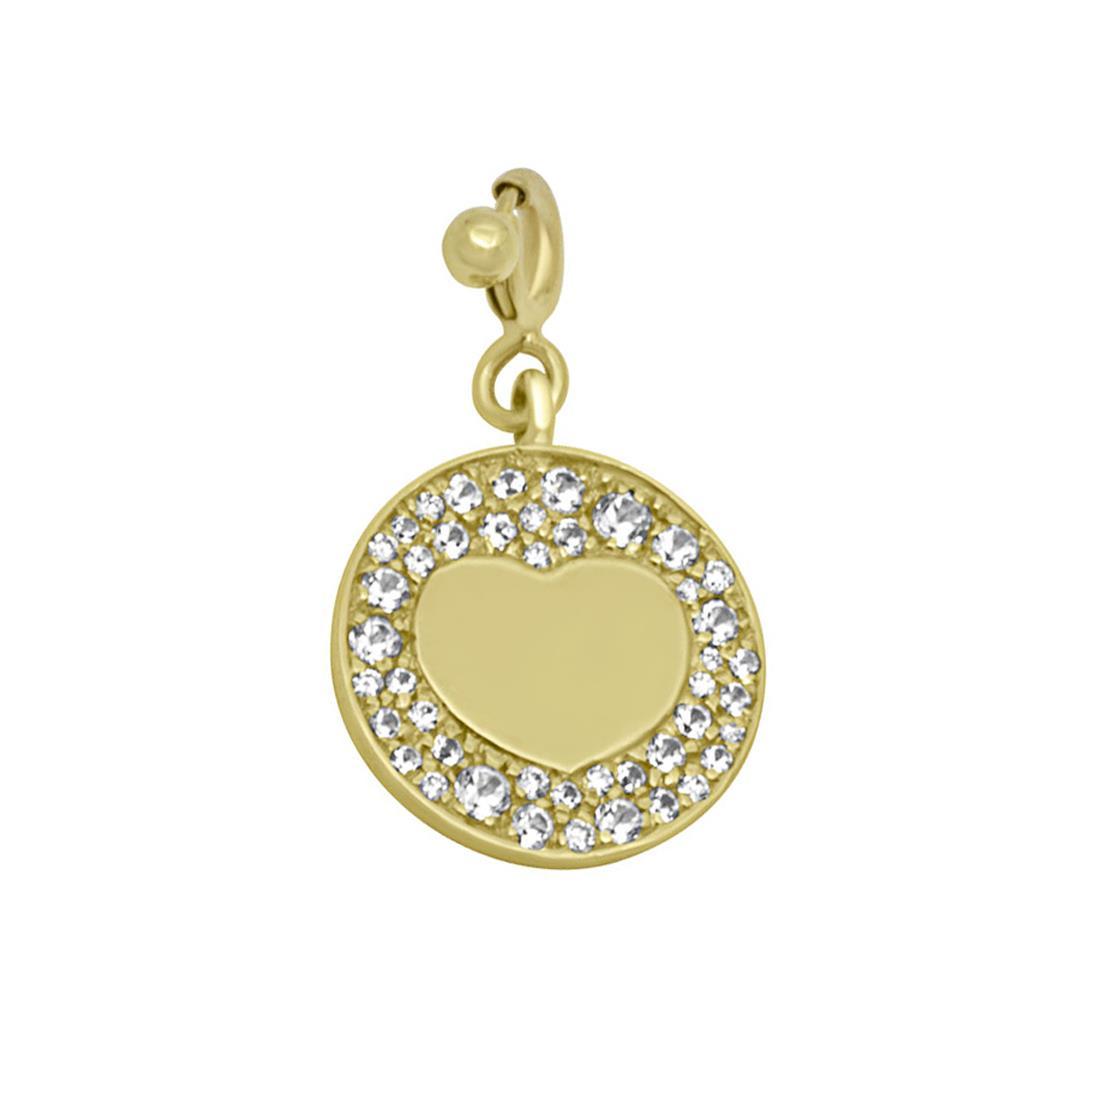 Ciondolo in oro giallo con diamanti - PASQUALE BRUNI